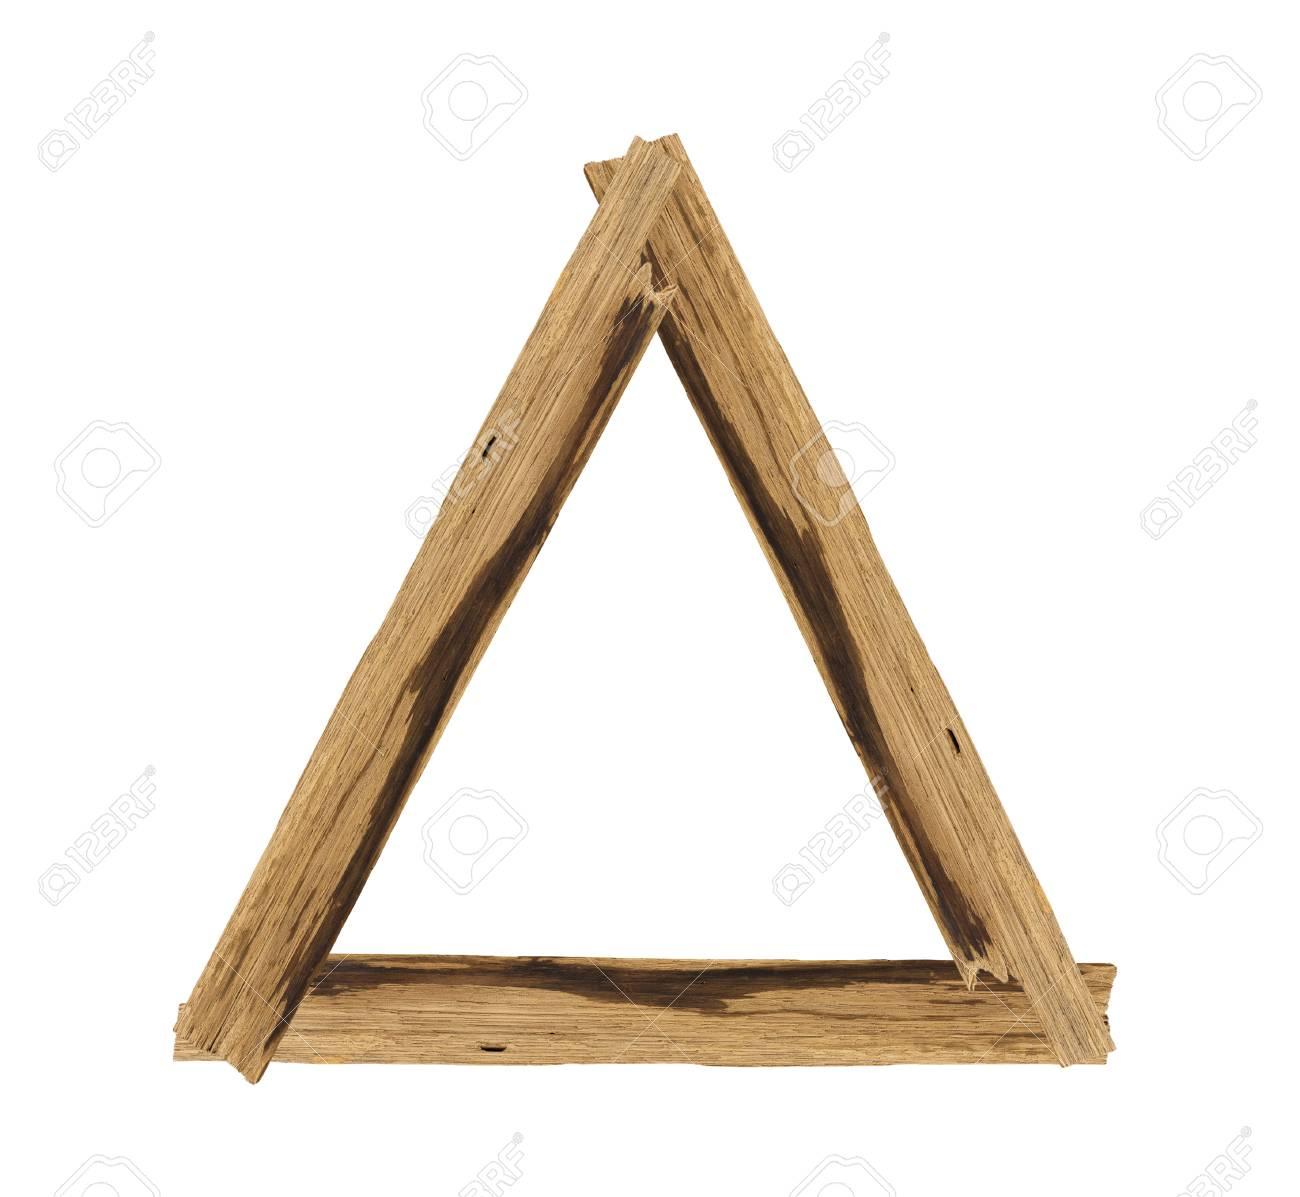 Dreieck Bilderrahmen Aus Brett Holz Isoliert Auf Weißem Hintergrund ...